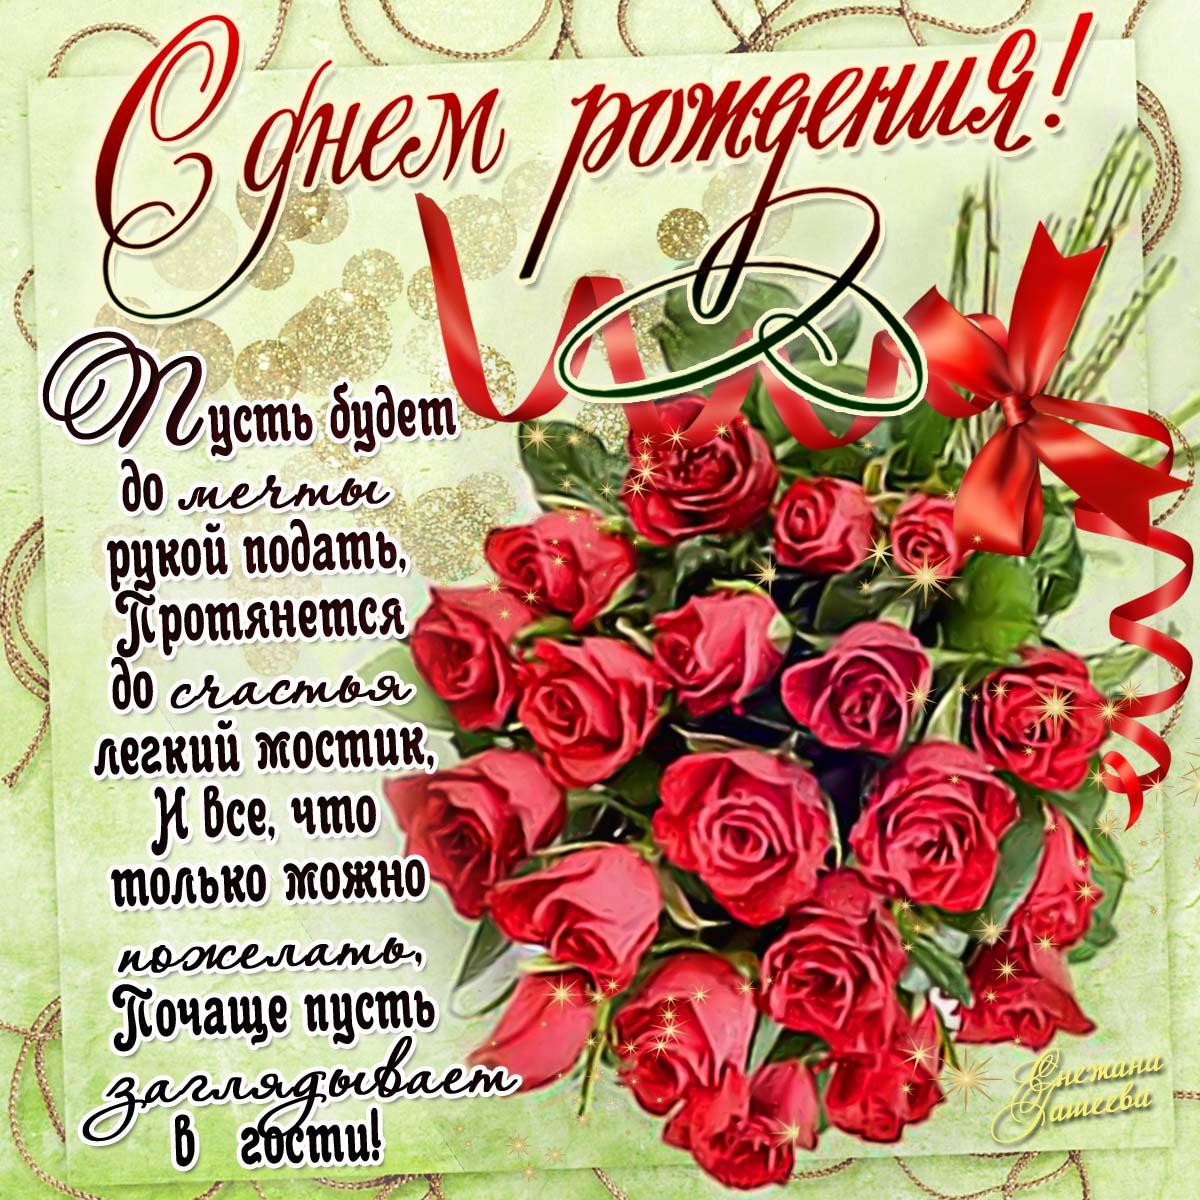 Открытки поздравляем с днем рождением, открытки нарисованные